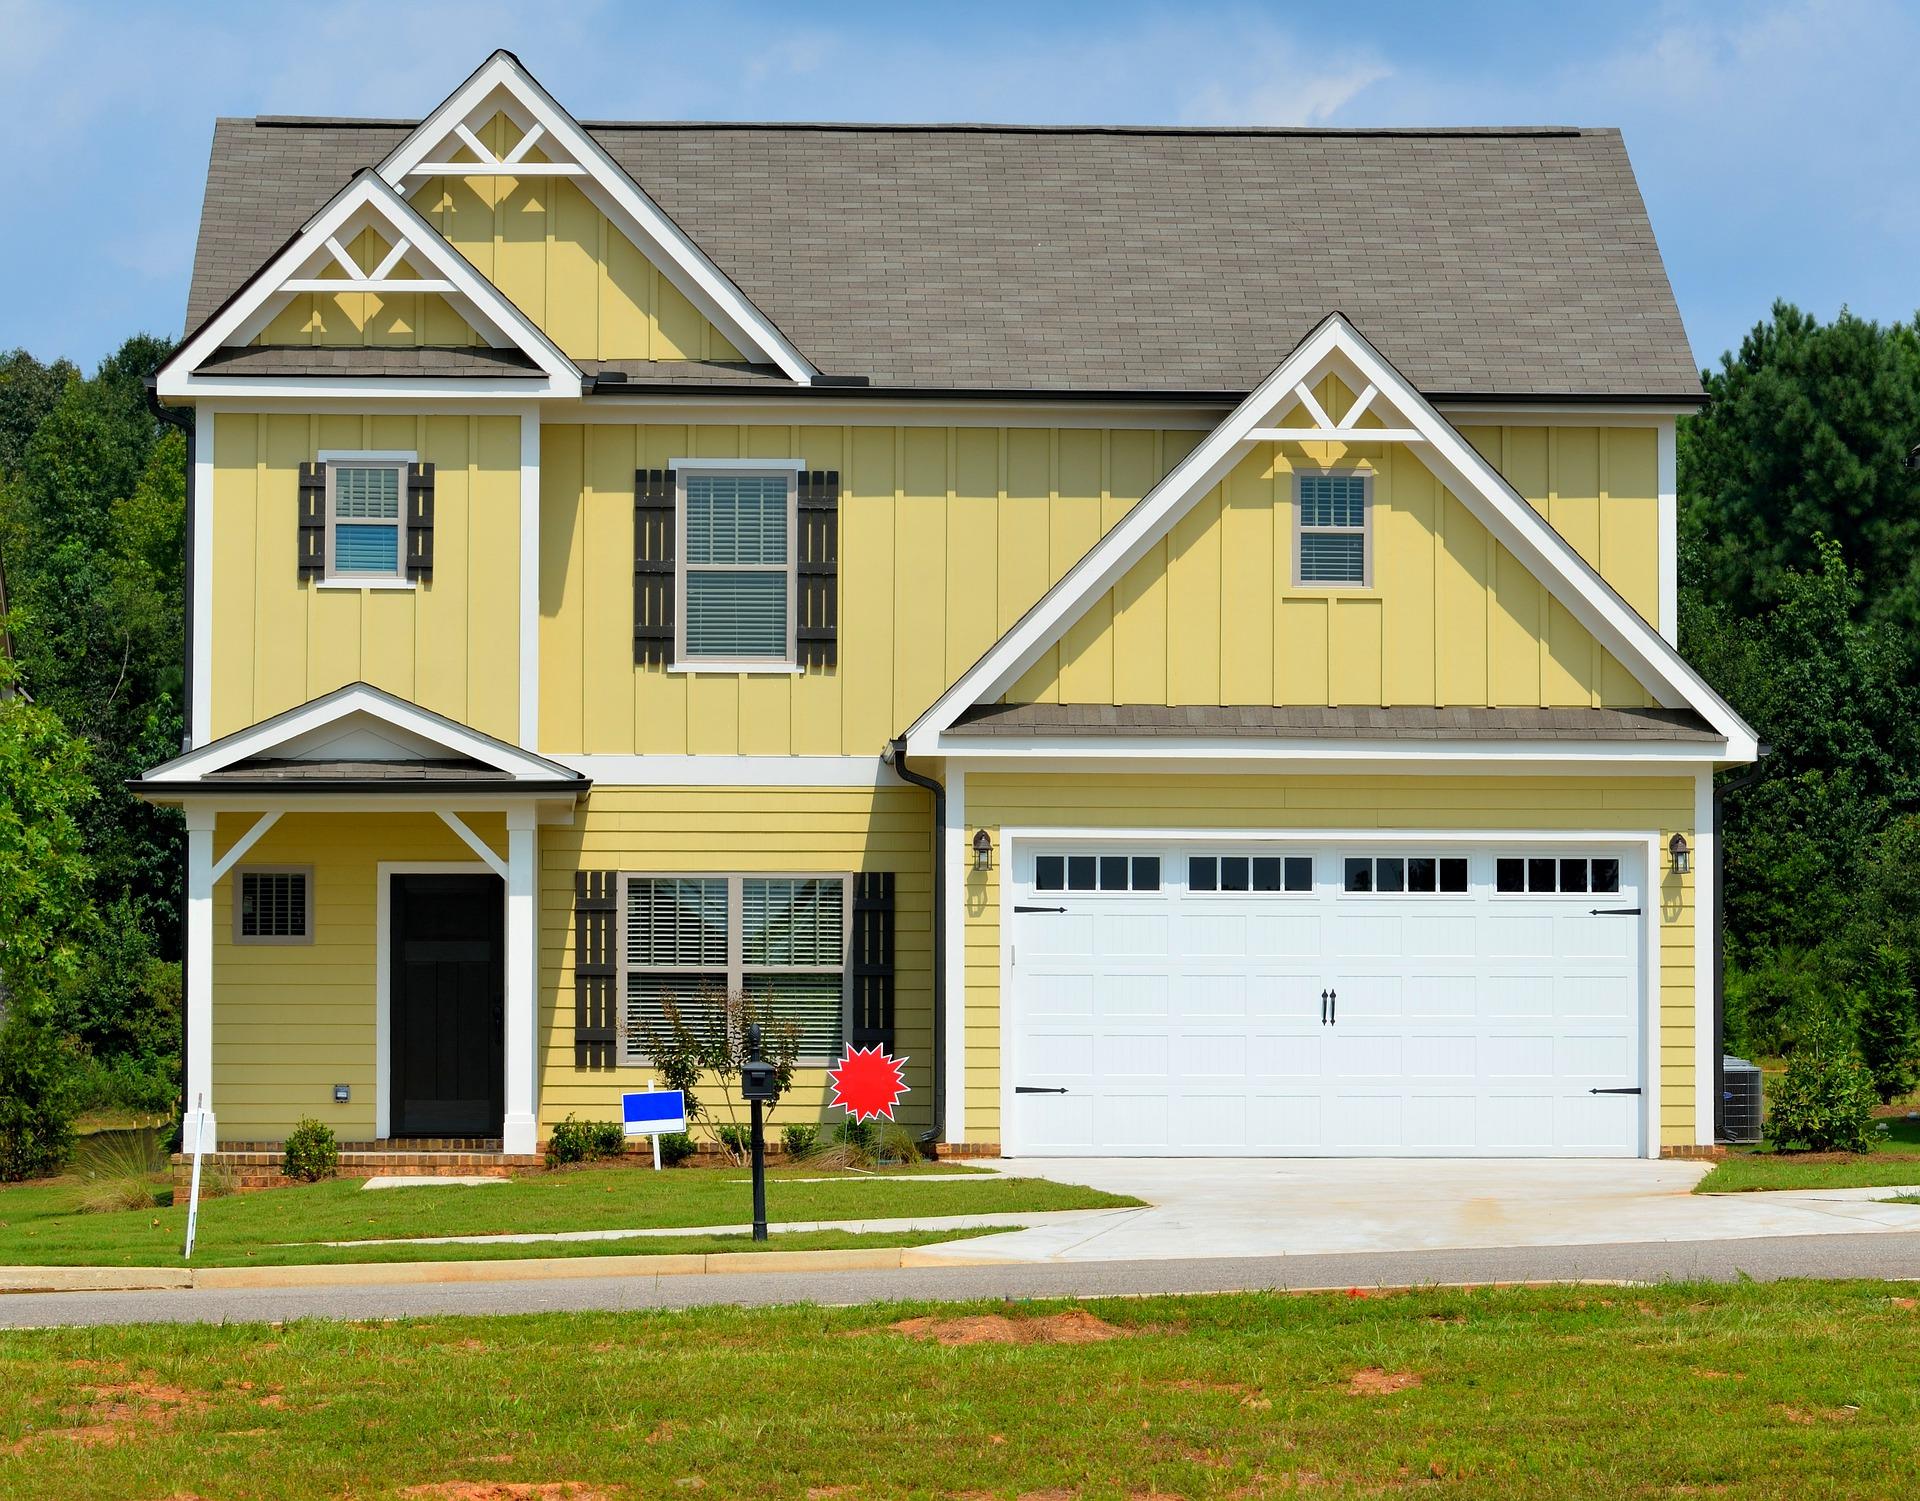 imagenes-de-fachadas-de-casas-pequenas-tradicionales-en-ee-u-3